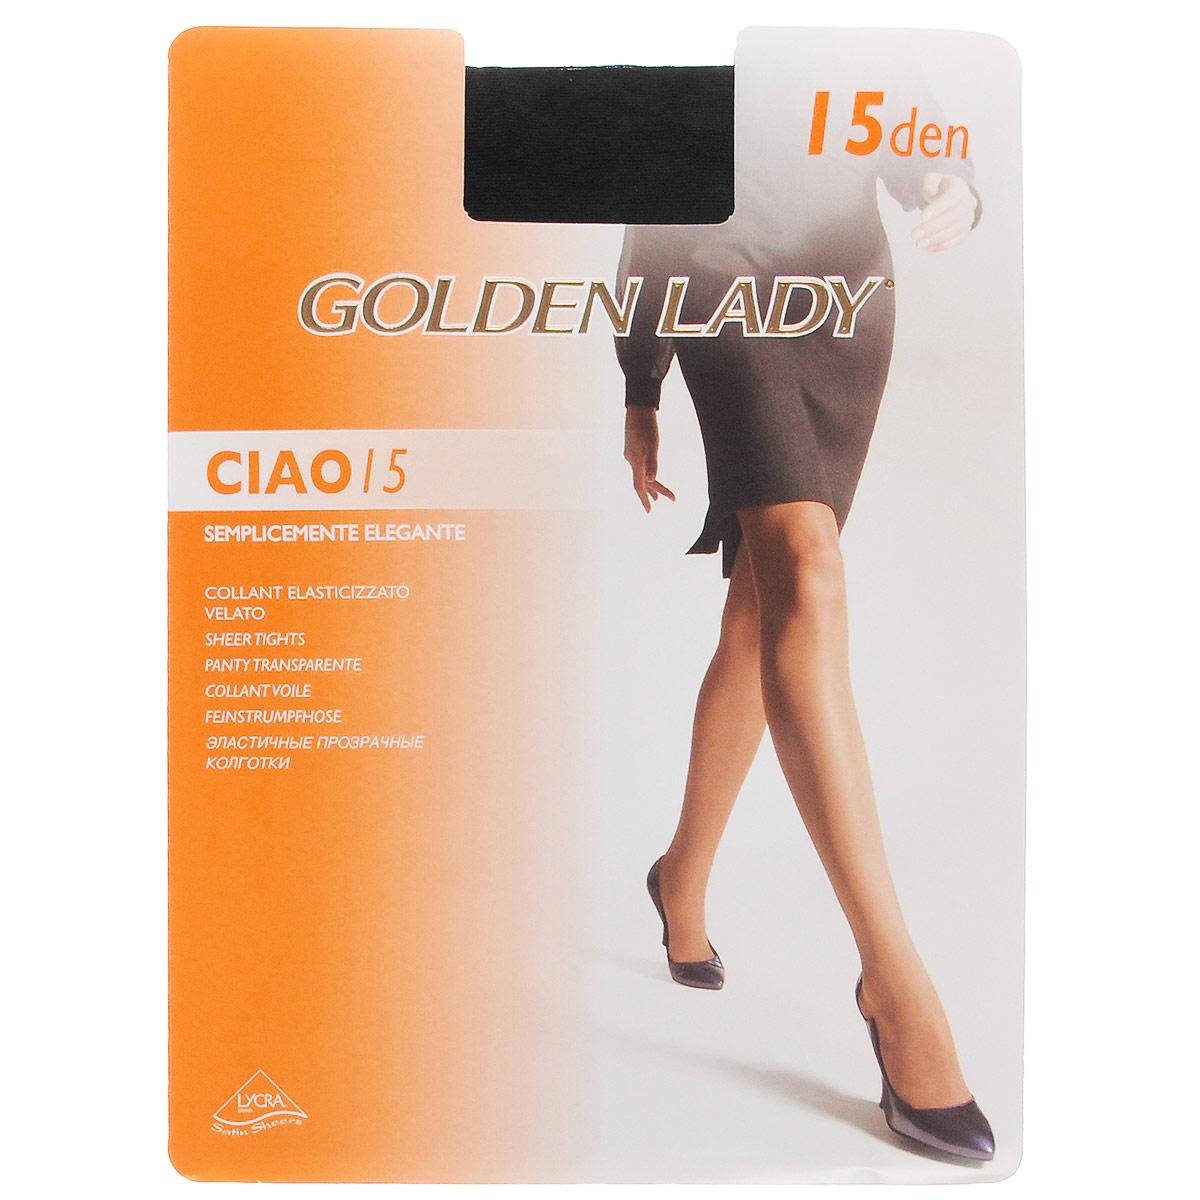 Колготки женские Golden Lady Ciao 15, цвет: Nero (черный). 36N-UR. Размер 3 (M)